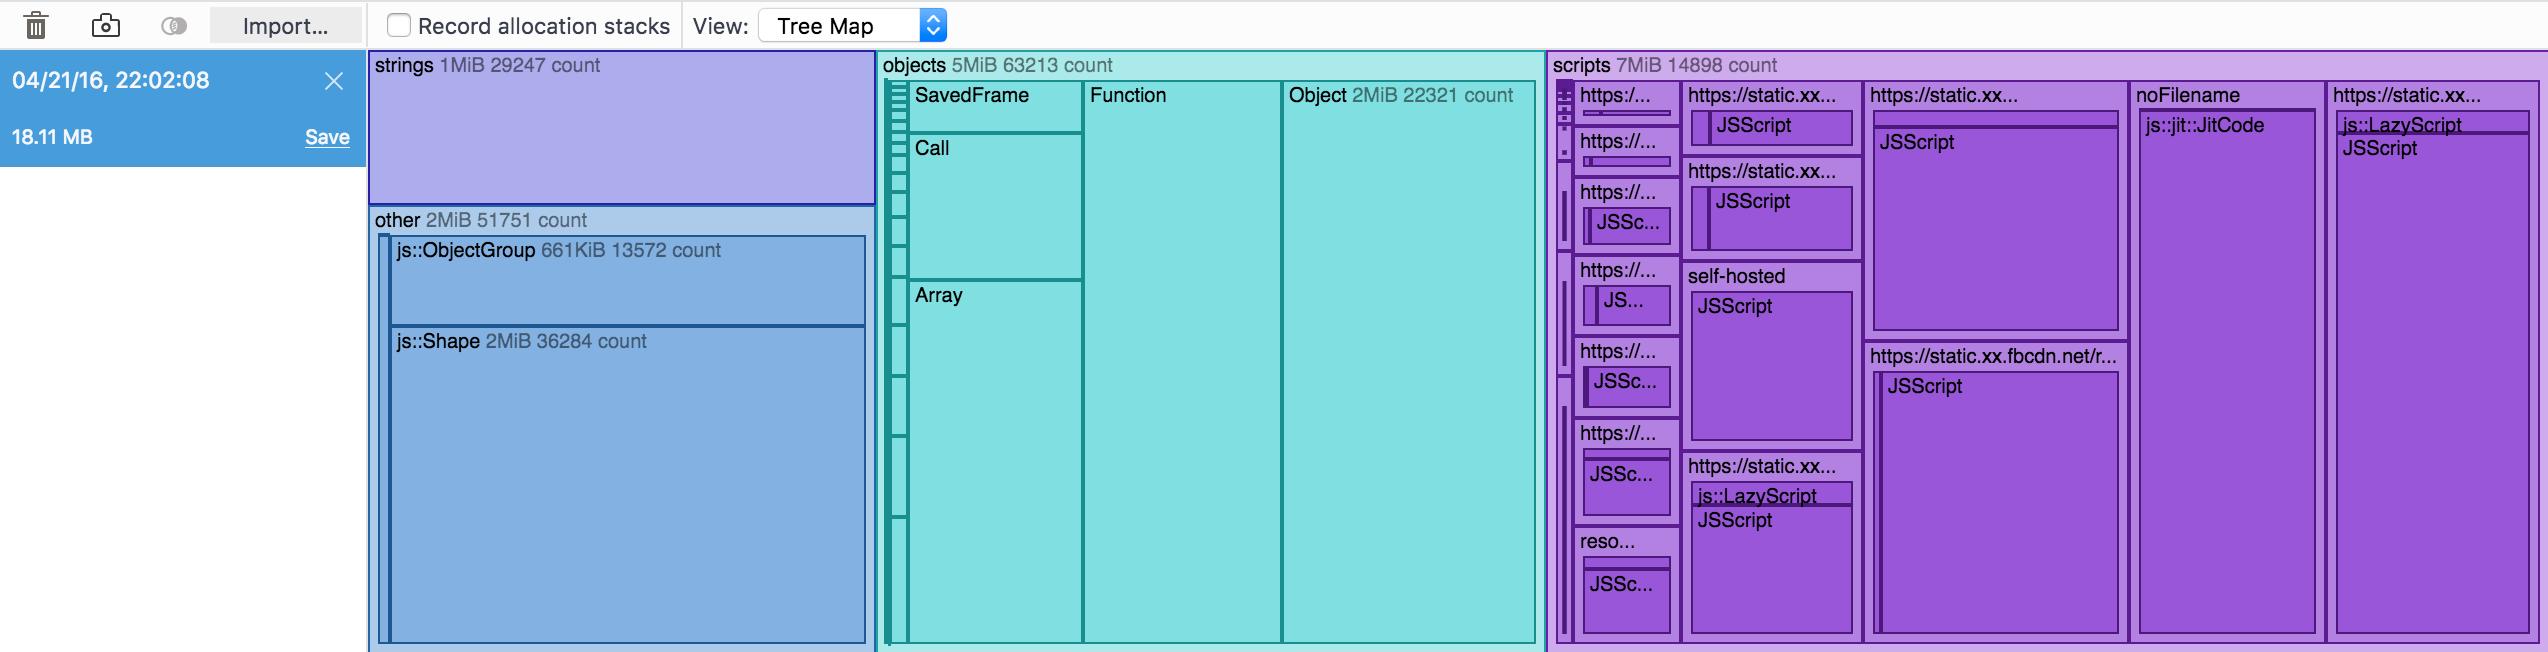 メモリの使用状況をツリーマップで表示している様子